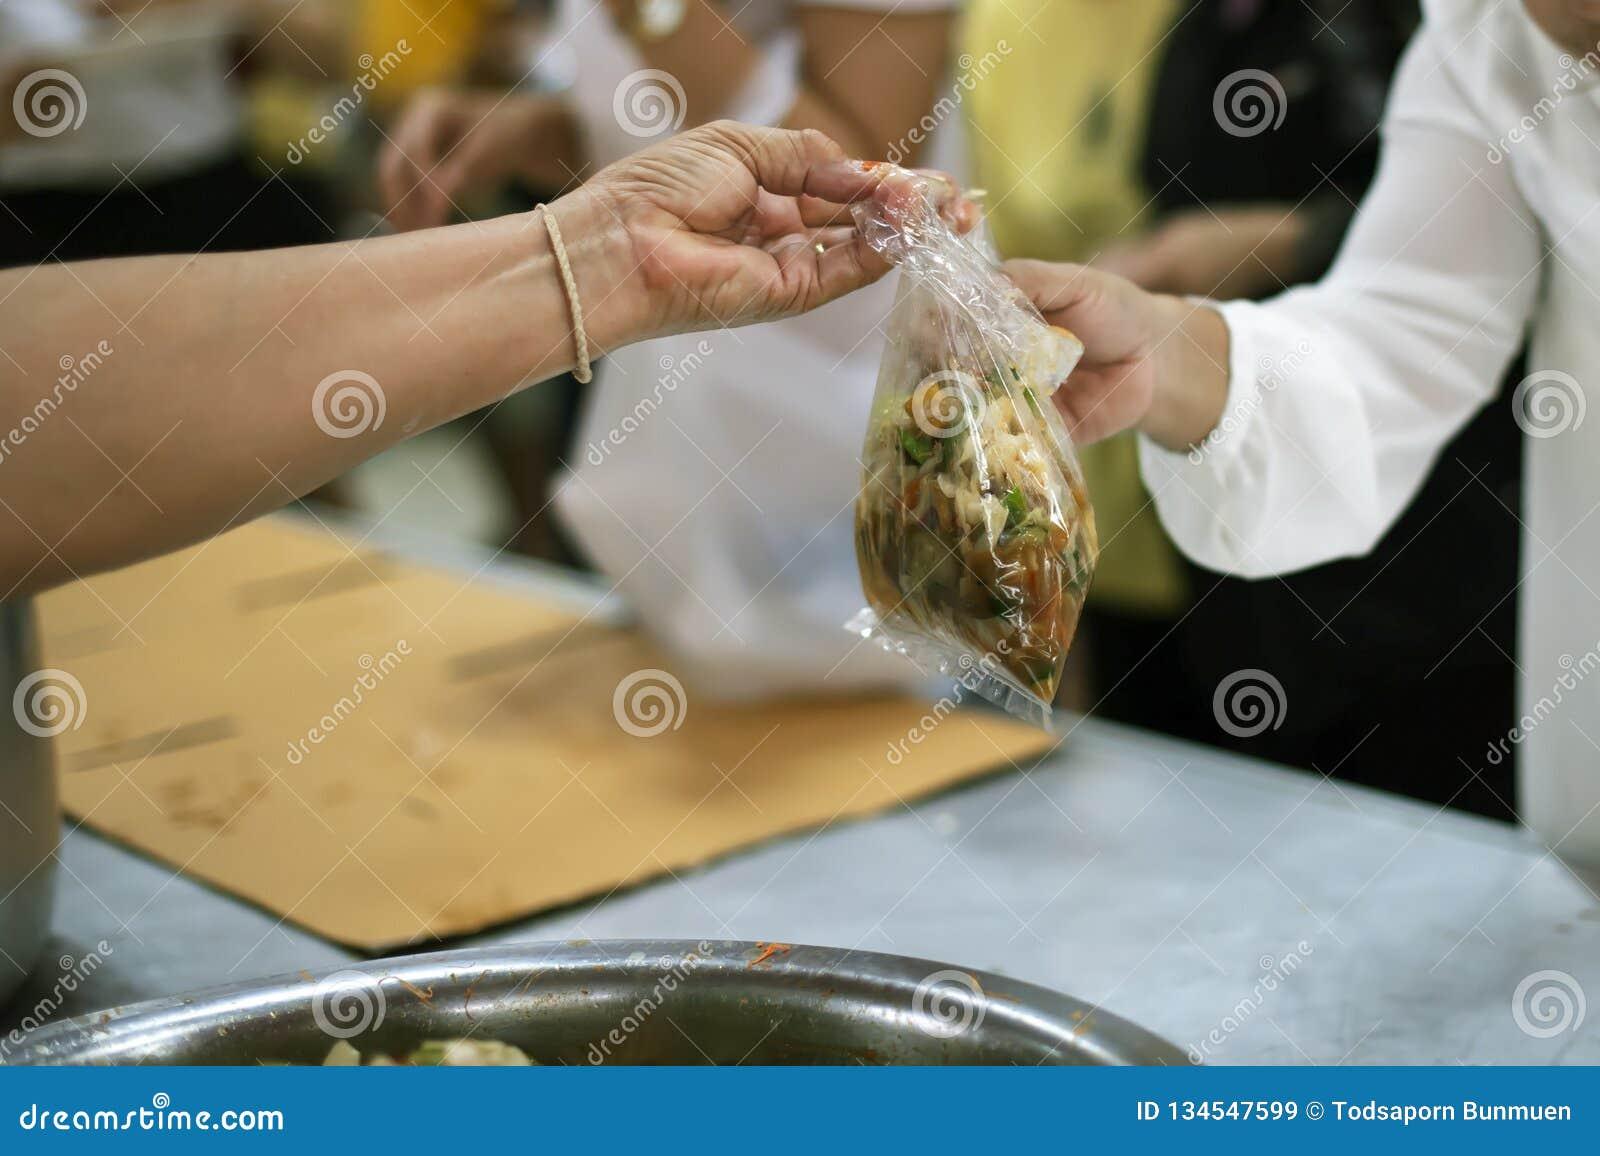 Het schenken van voedsel aan bedelaars om honger te verminderen: het concept het delen van hulp aan mede menselijke wezens in de